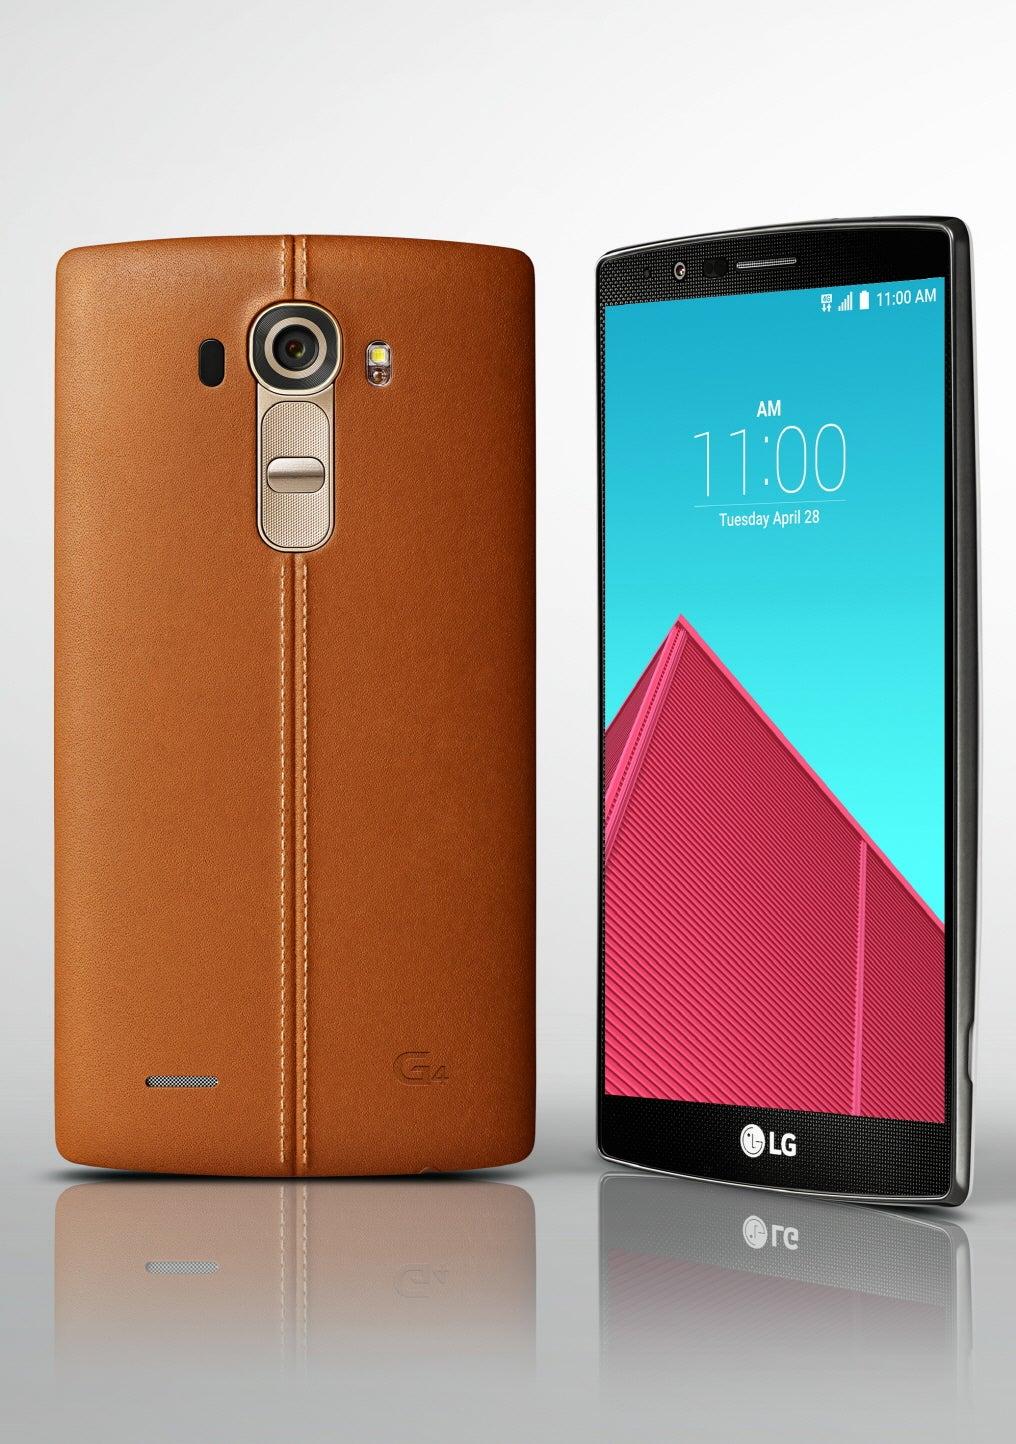 LG_G4 thumbnaill